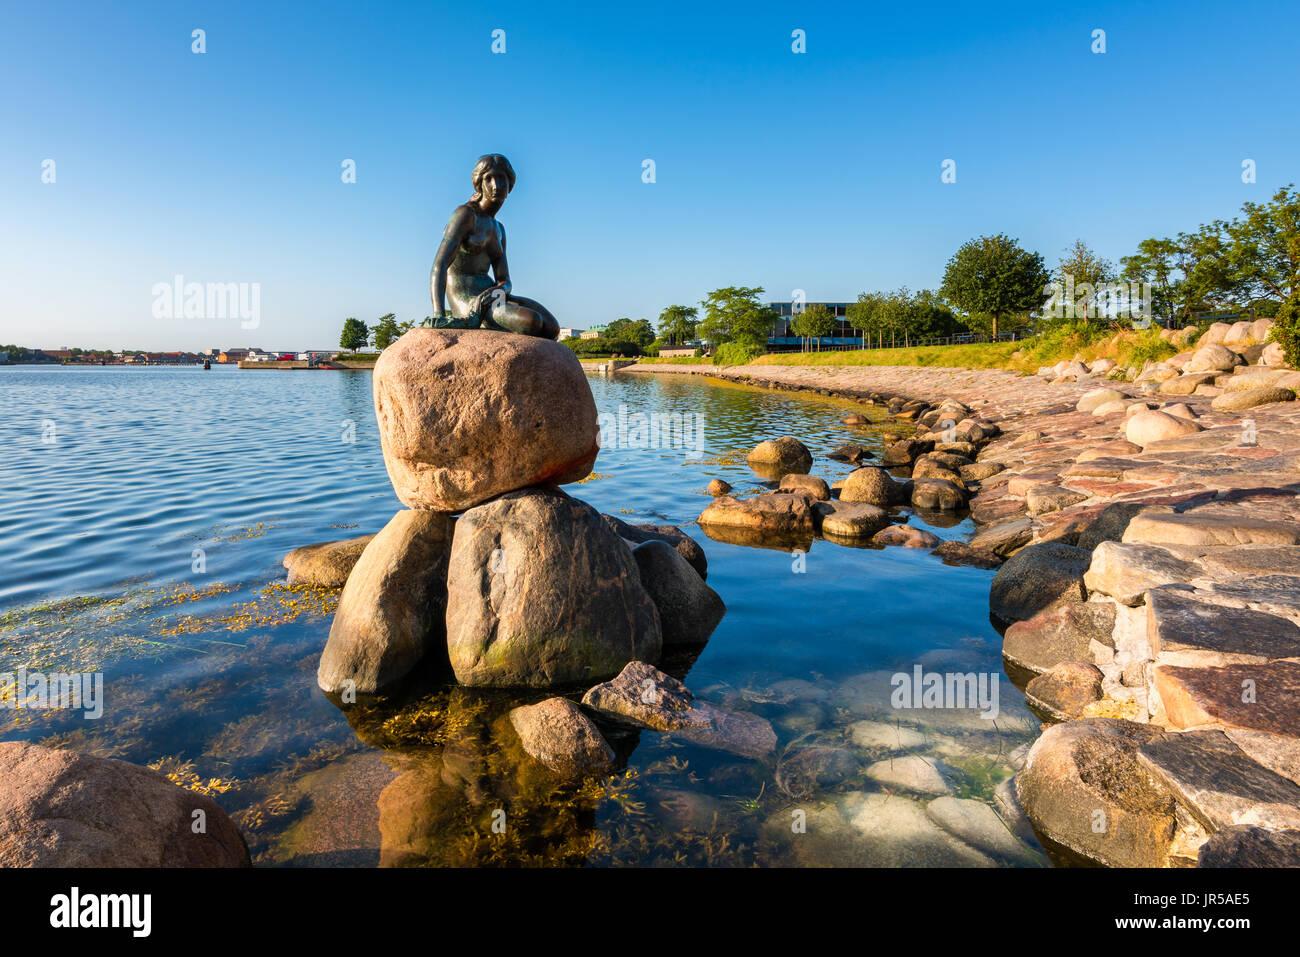 Die berühmte Statue der kleinen Meerjungfrau im Hafen von Kopenhagen Dänemark Stockbild